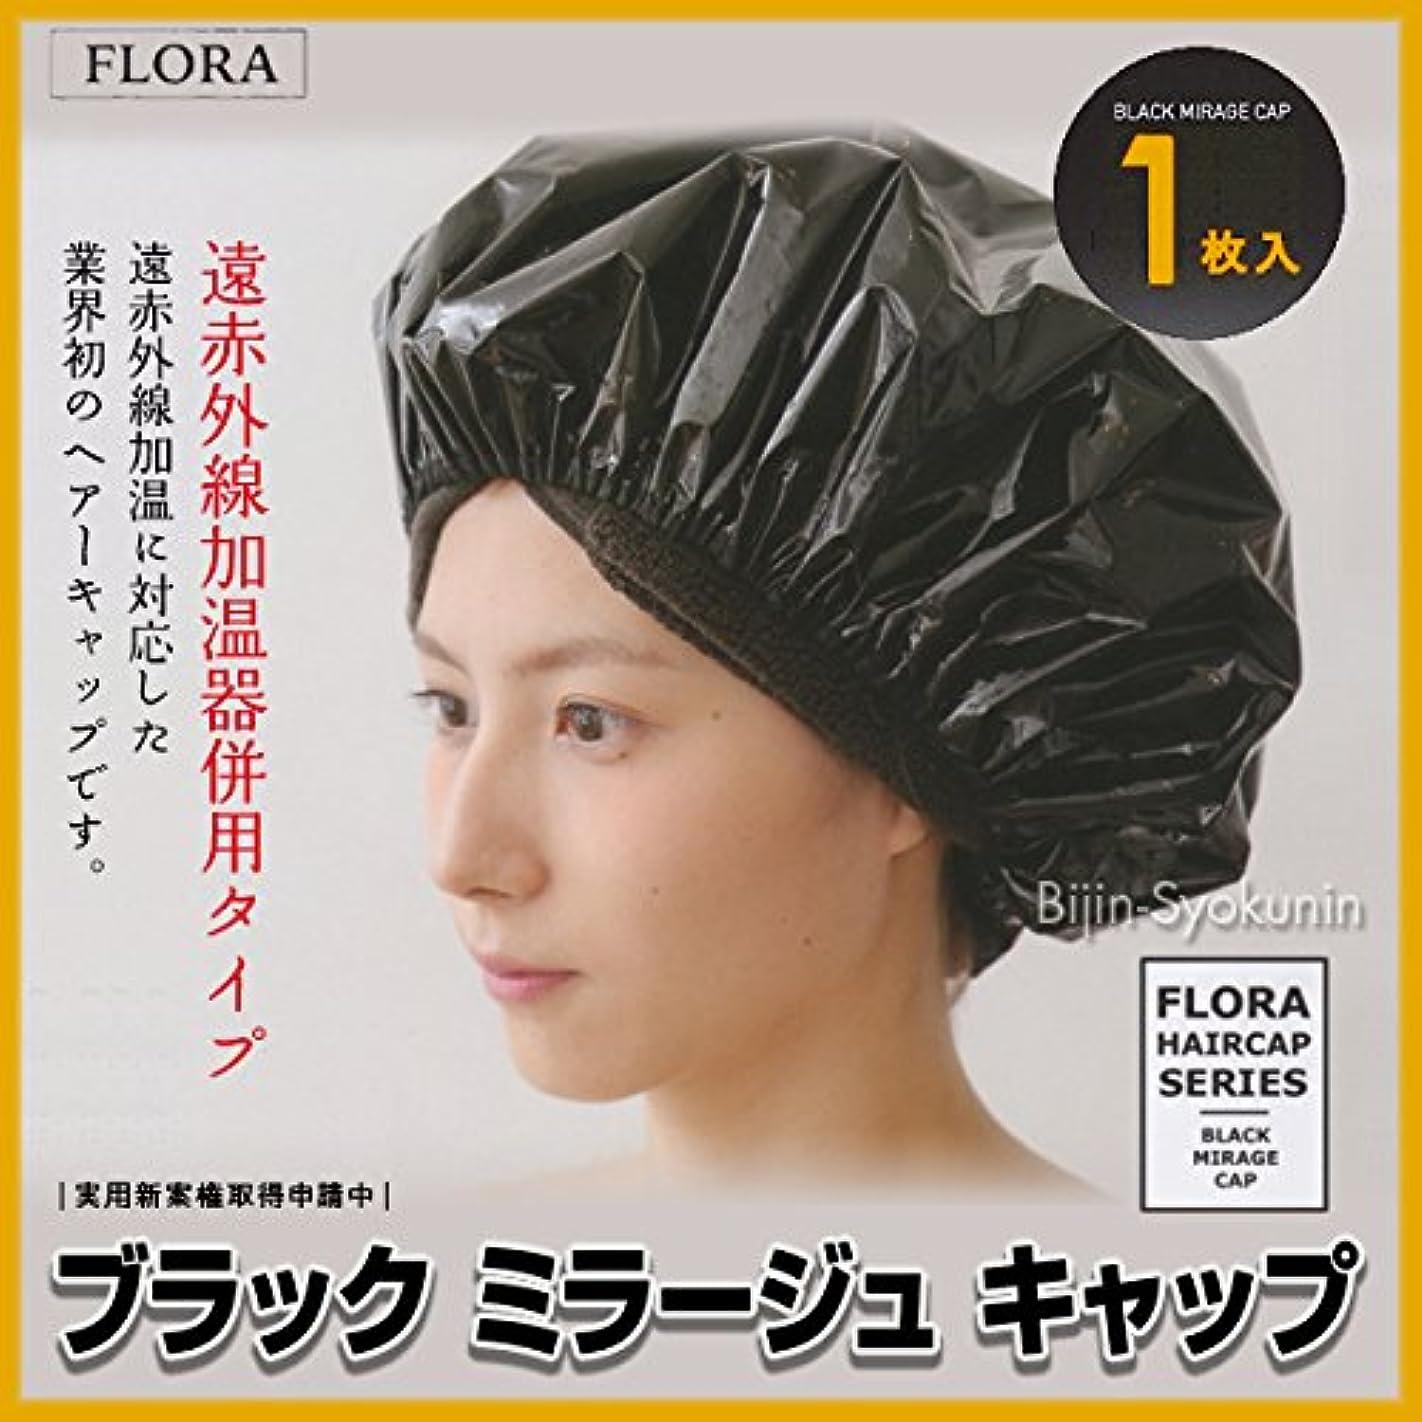 治安判事お祝い運ぶブラック ミラージュ キャップ BLACK MIRAGE CAP【1枚入り】